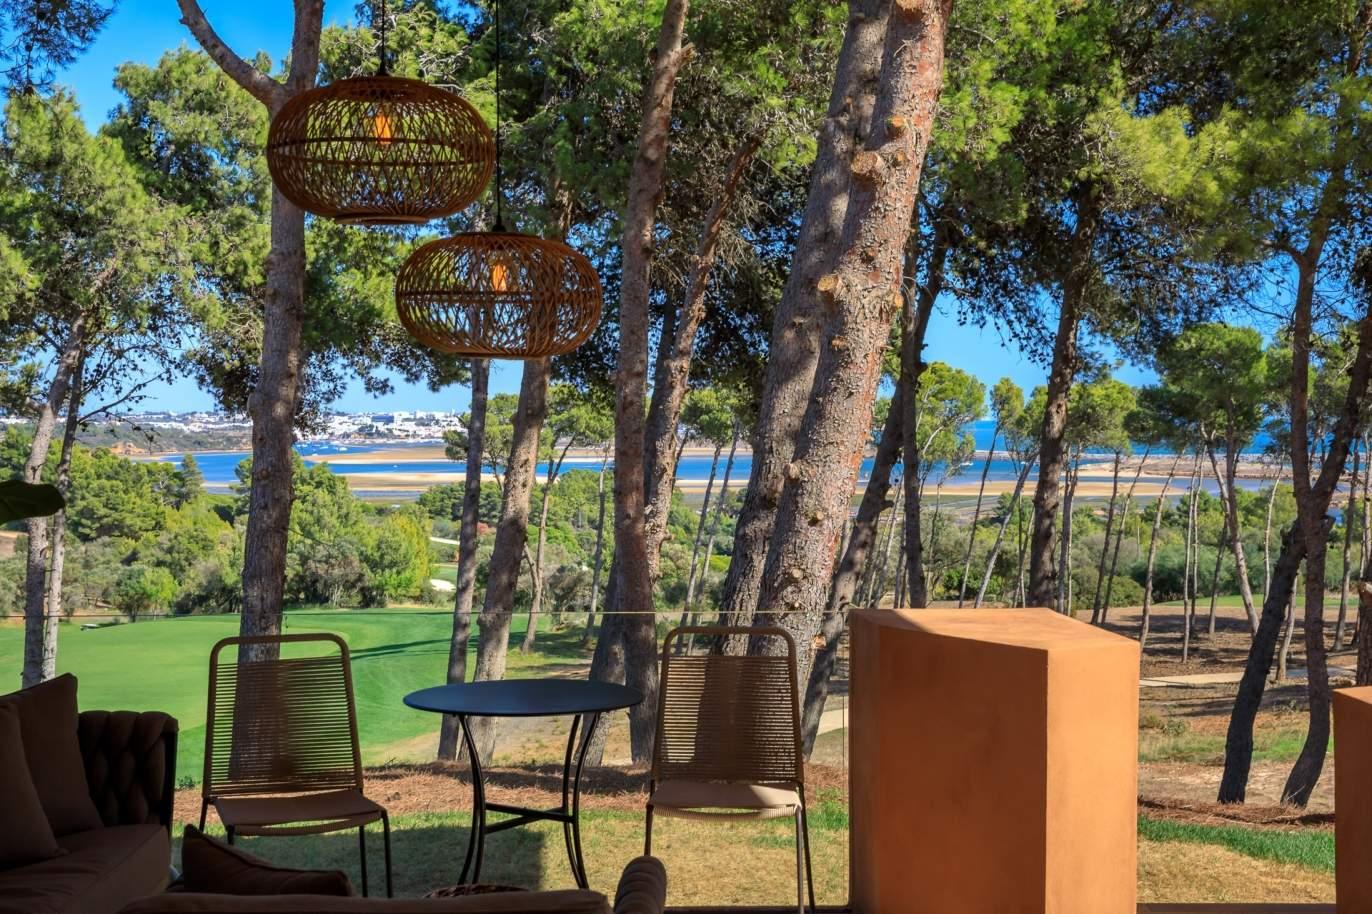 venda-de-apartamento-de-luxo-em-resort-de-golfe-lagos-algarve